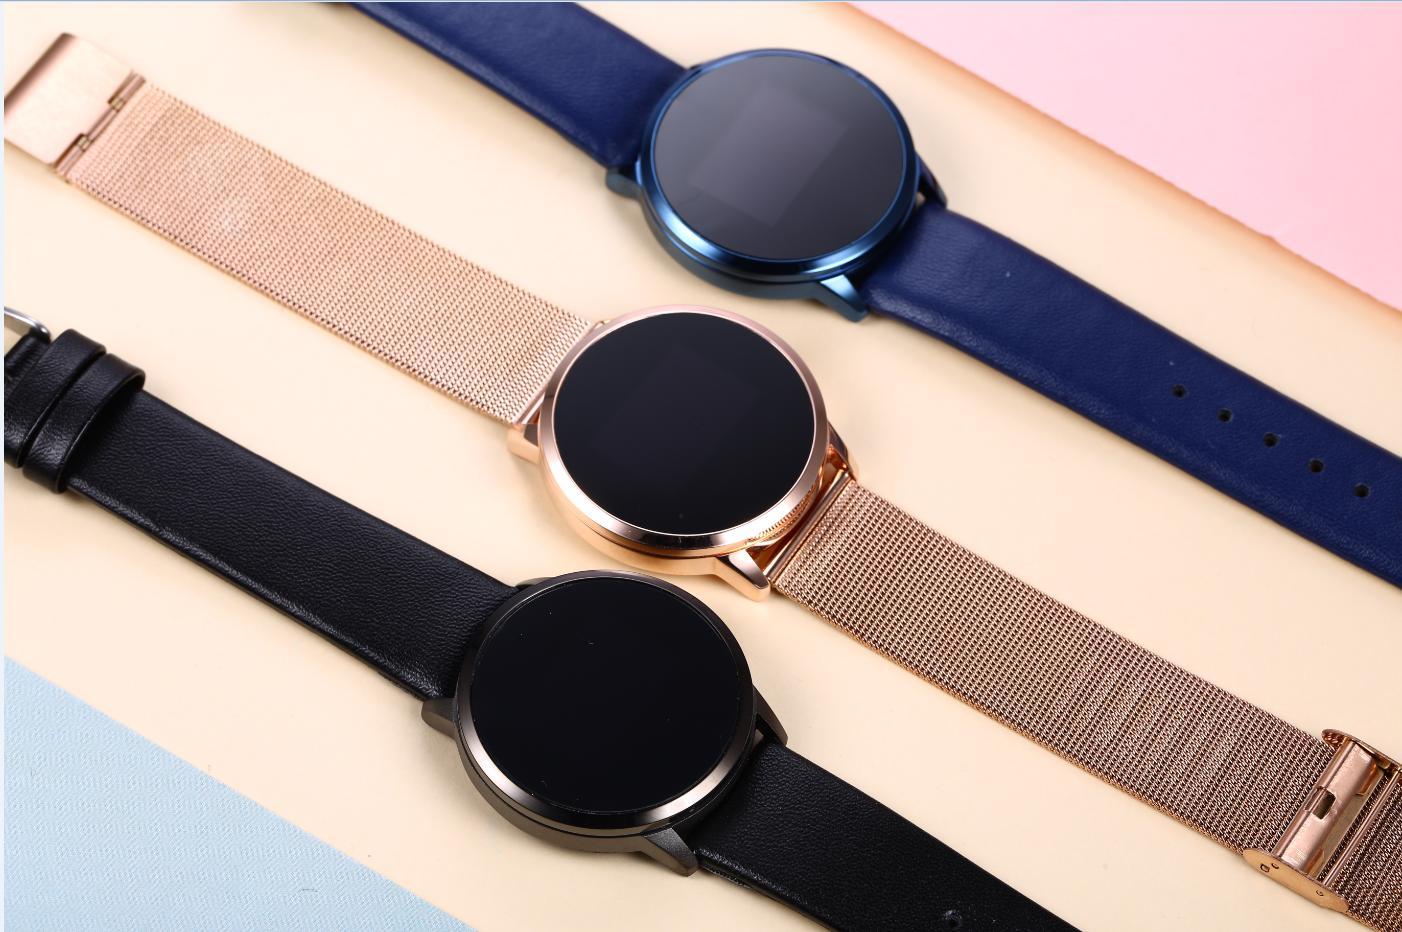 2019 nova q8 relógio inteligente tela colorida oled smartwatch moda feminina rastreador de fitness monitor de freqüência cardíaca